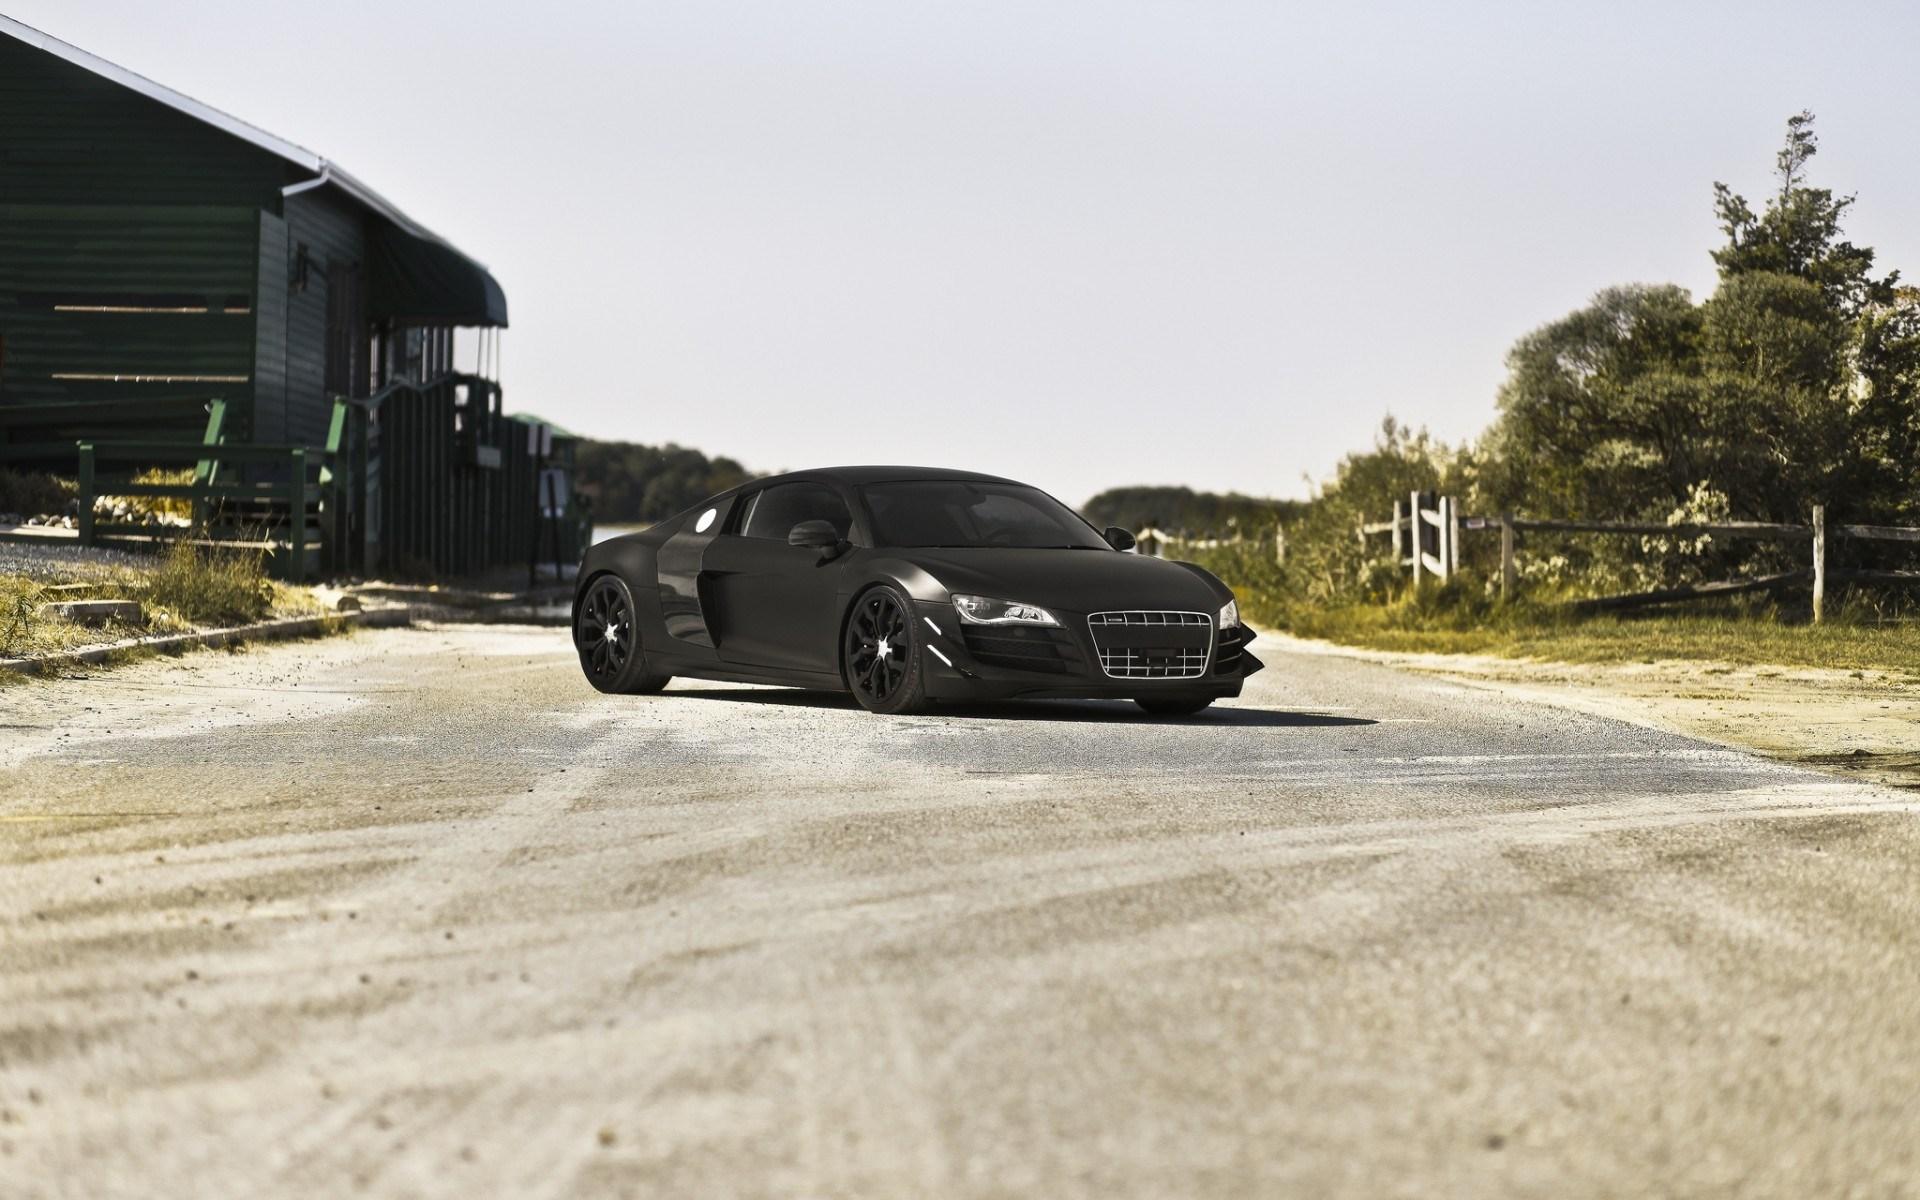 Audi R8 Black Matte Road Wallpaper 1920x1200 15917